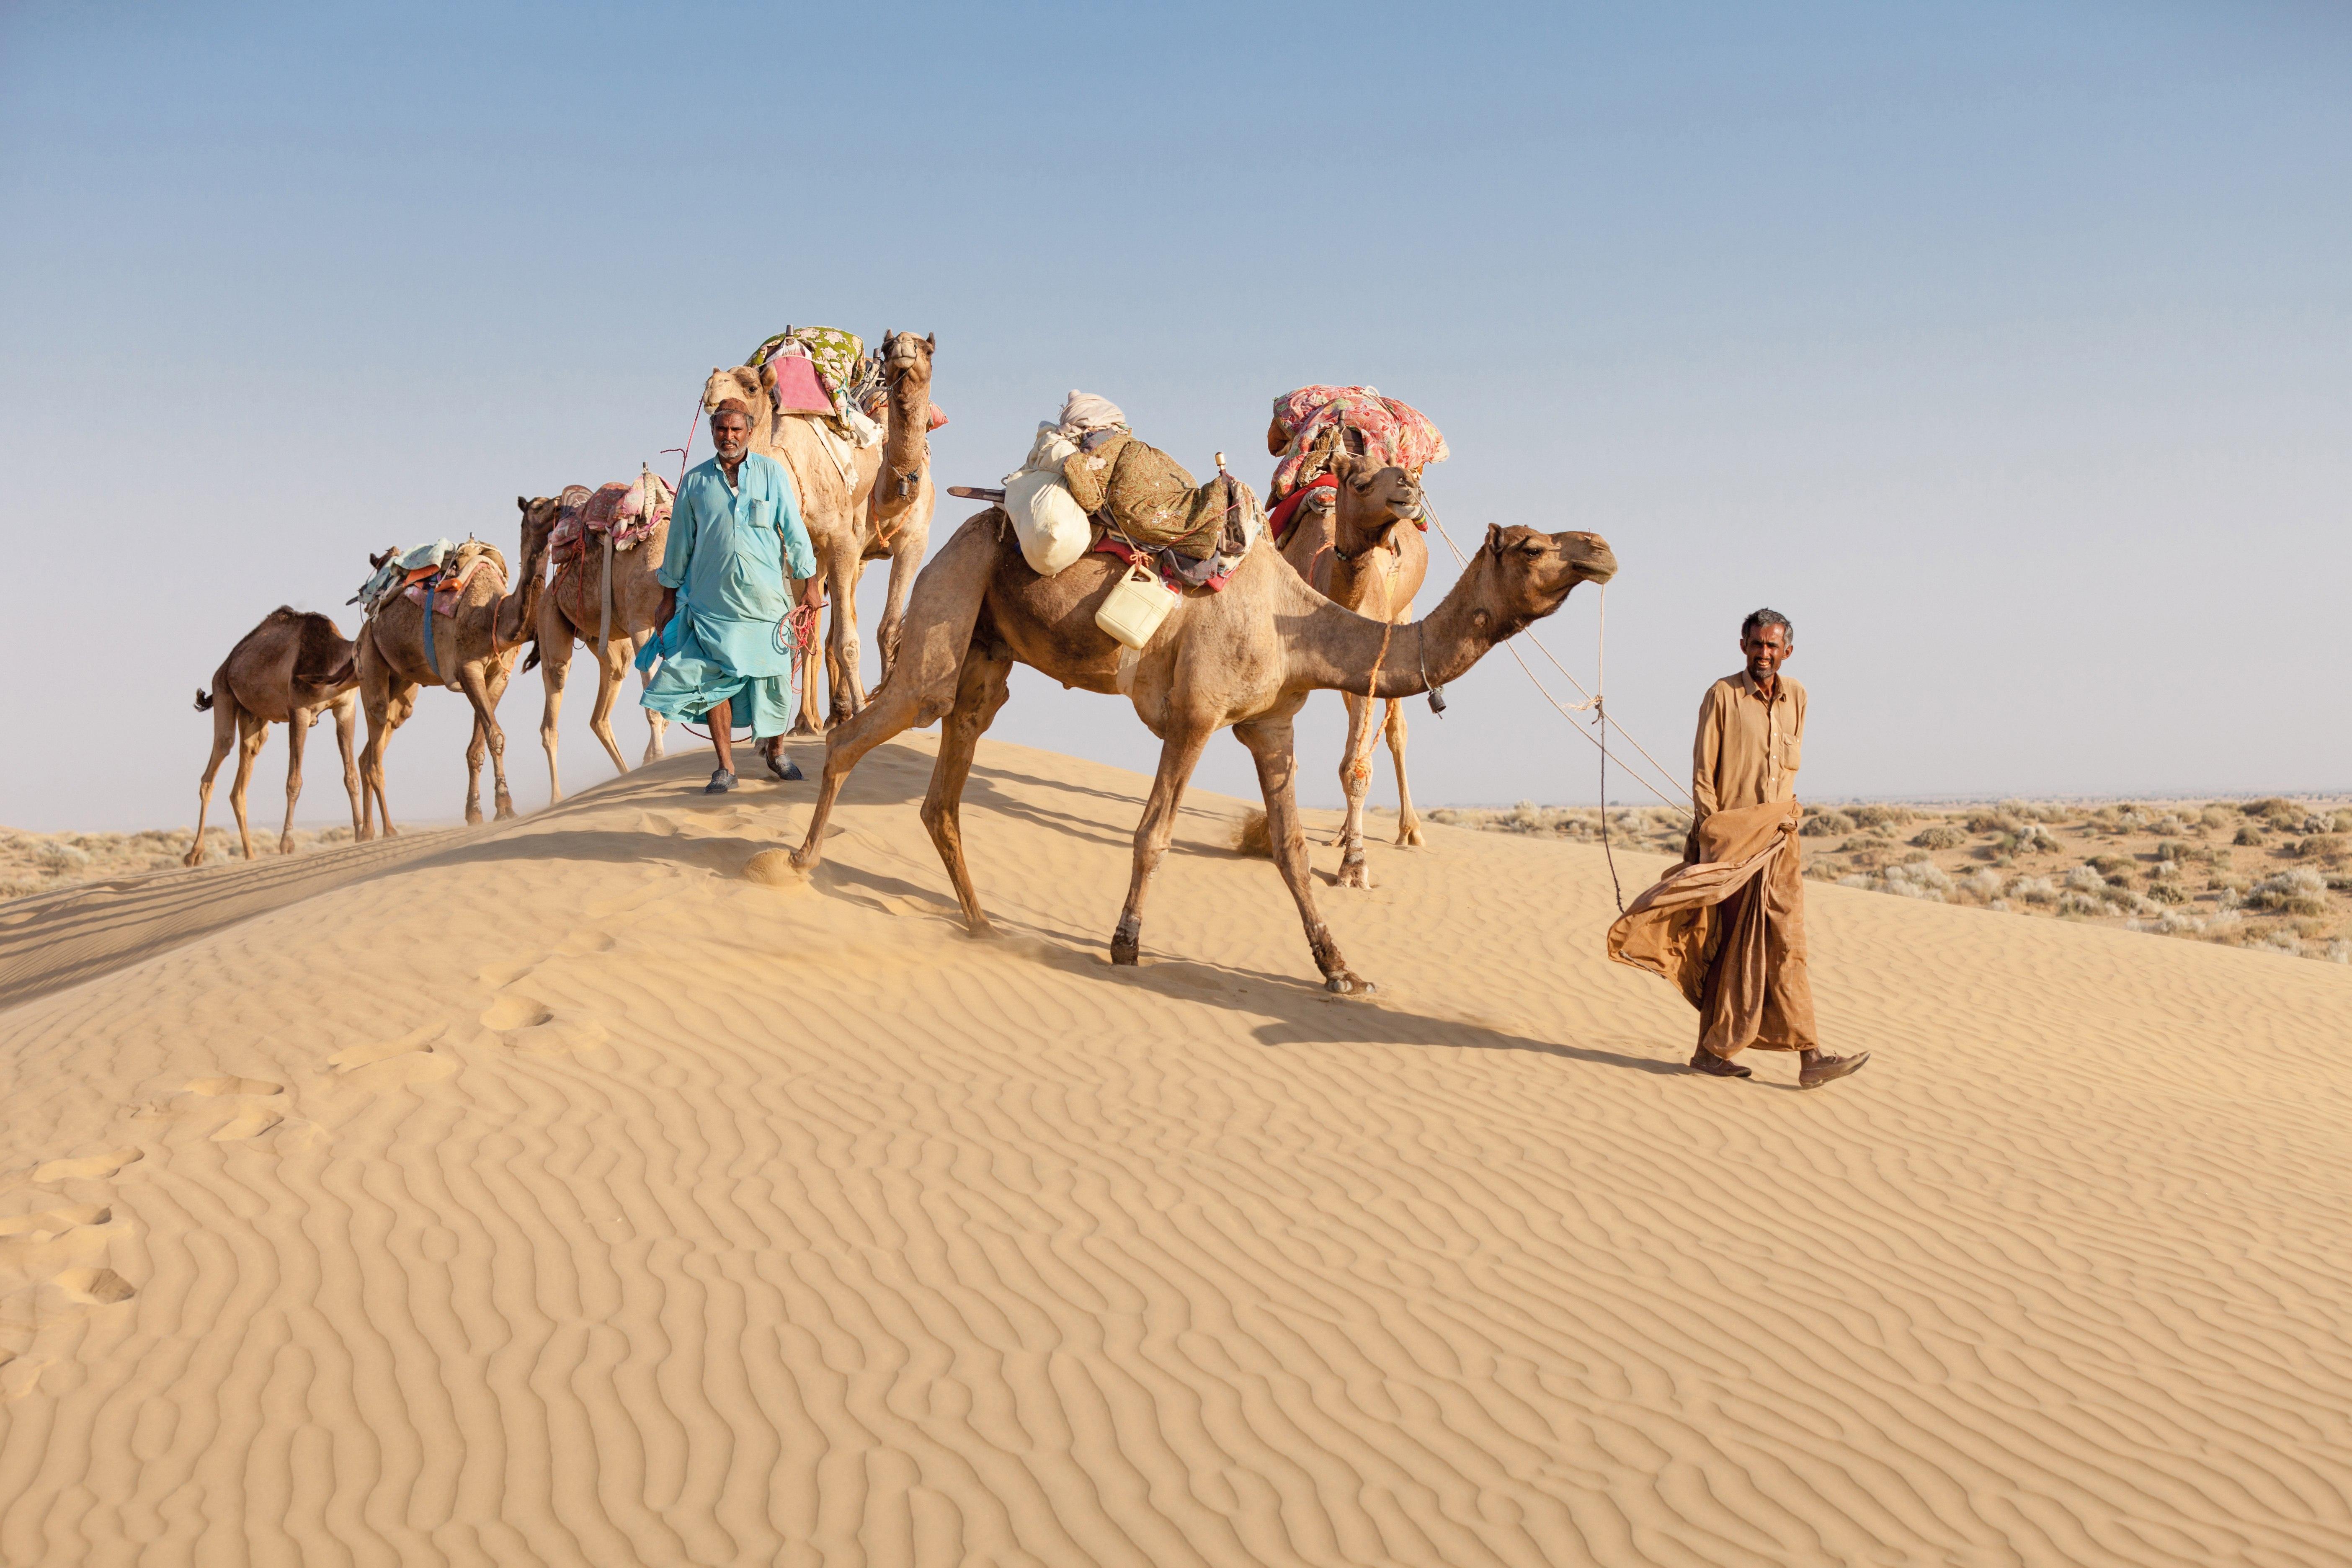 Indien: Rajasthan & Nordindien – Die ausführliche Reise